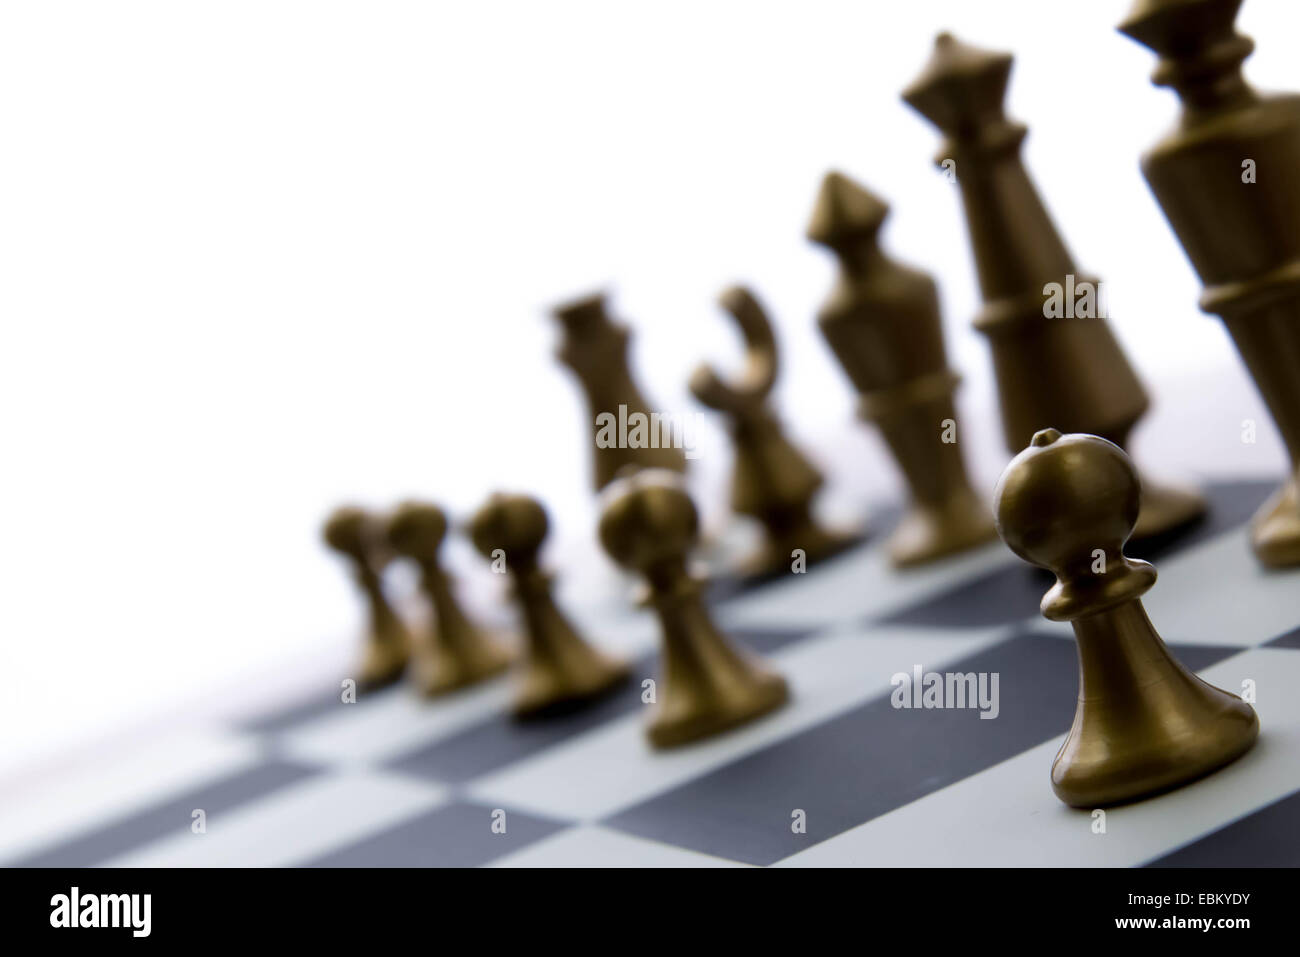 Jeu d'échecs classique - - Vue de pièces du jeu sur l'échiquier de la lumière du soleil en arrière-plan Banque D'Images